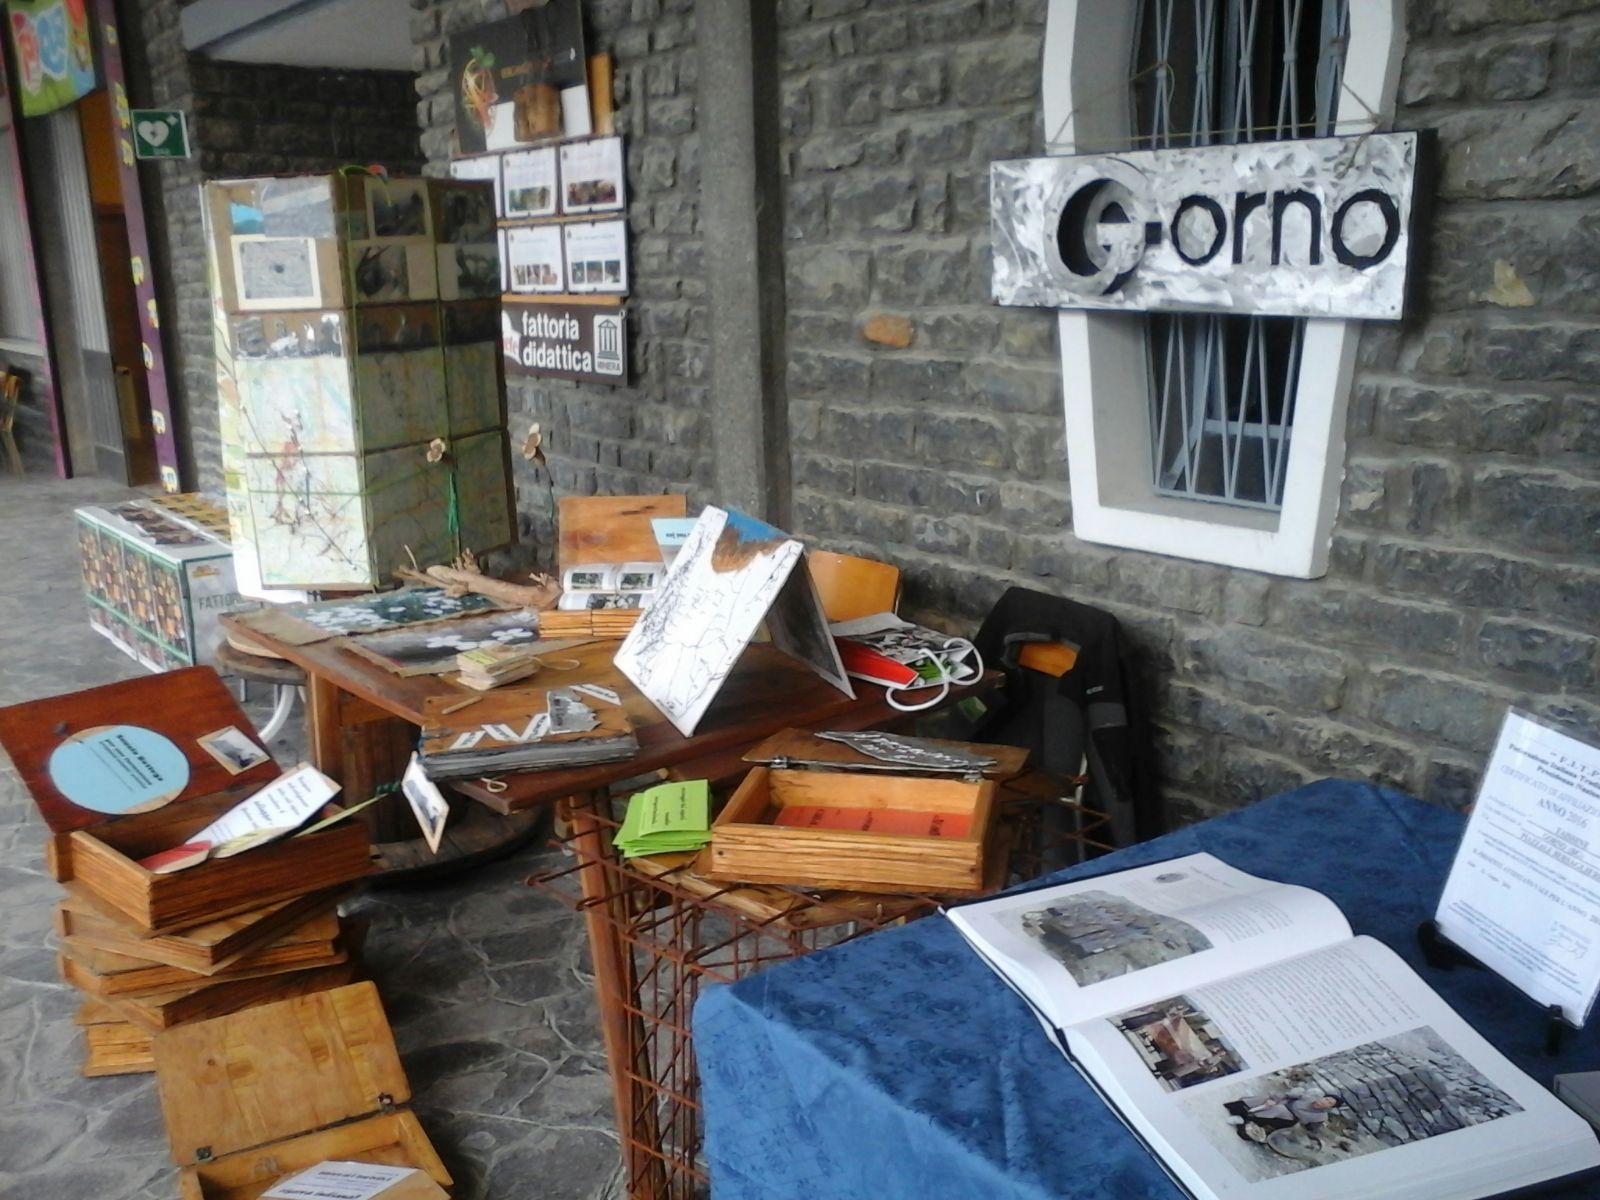 02_ITM 2016 Gorno_conferenze e premiazioni